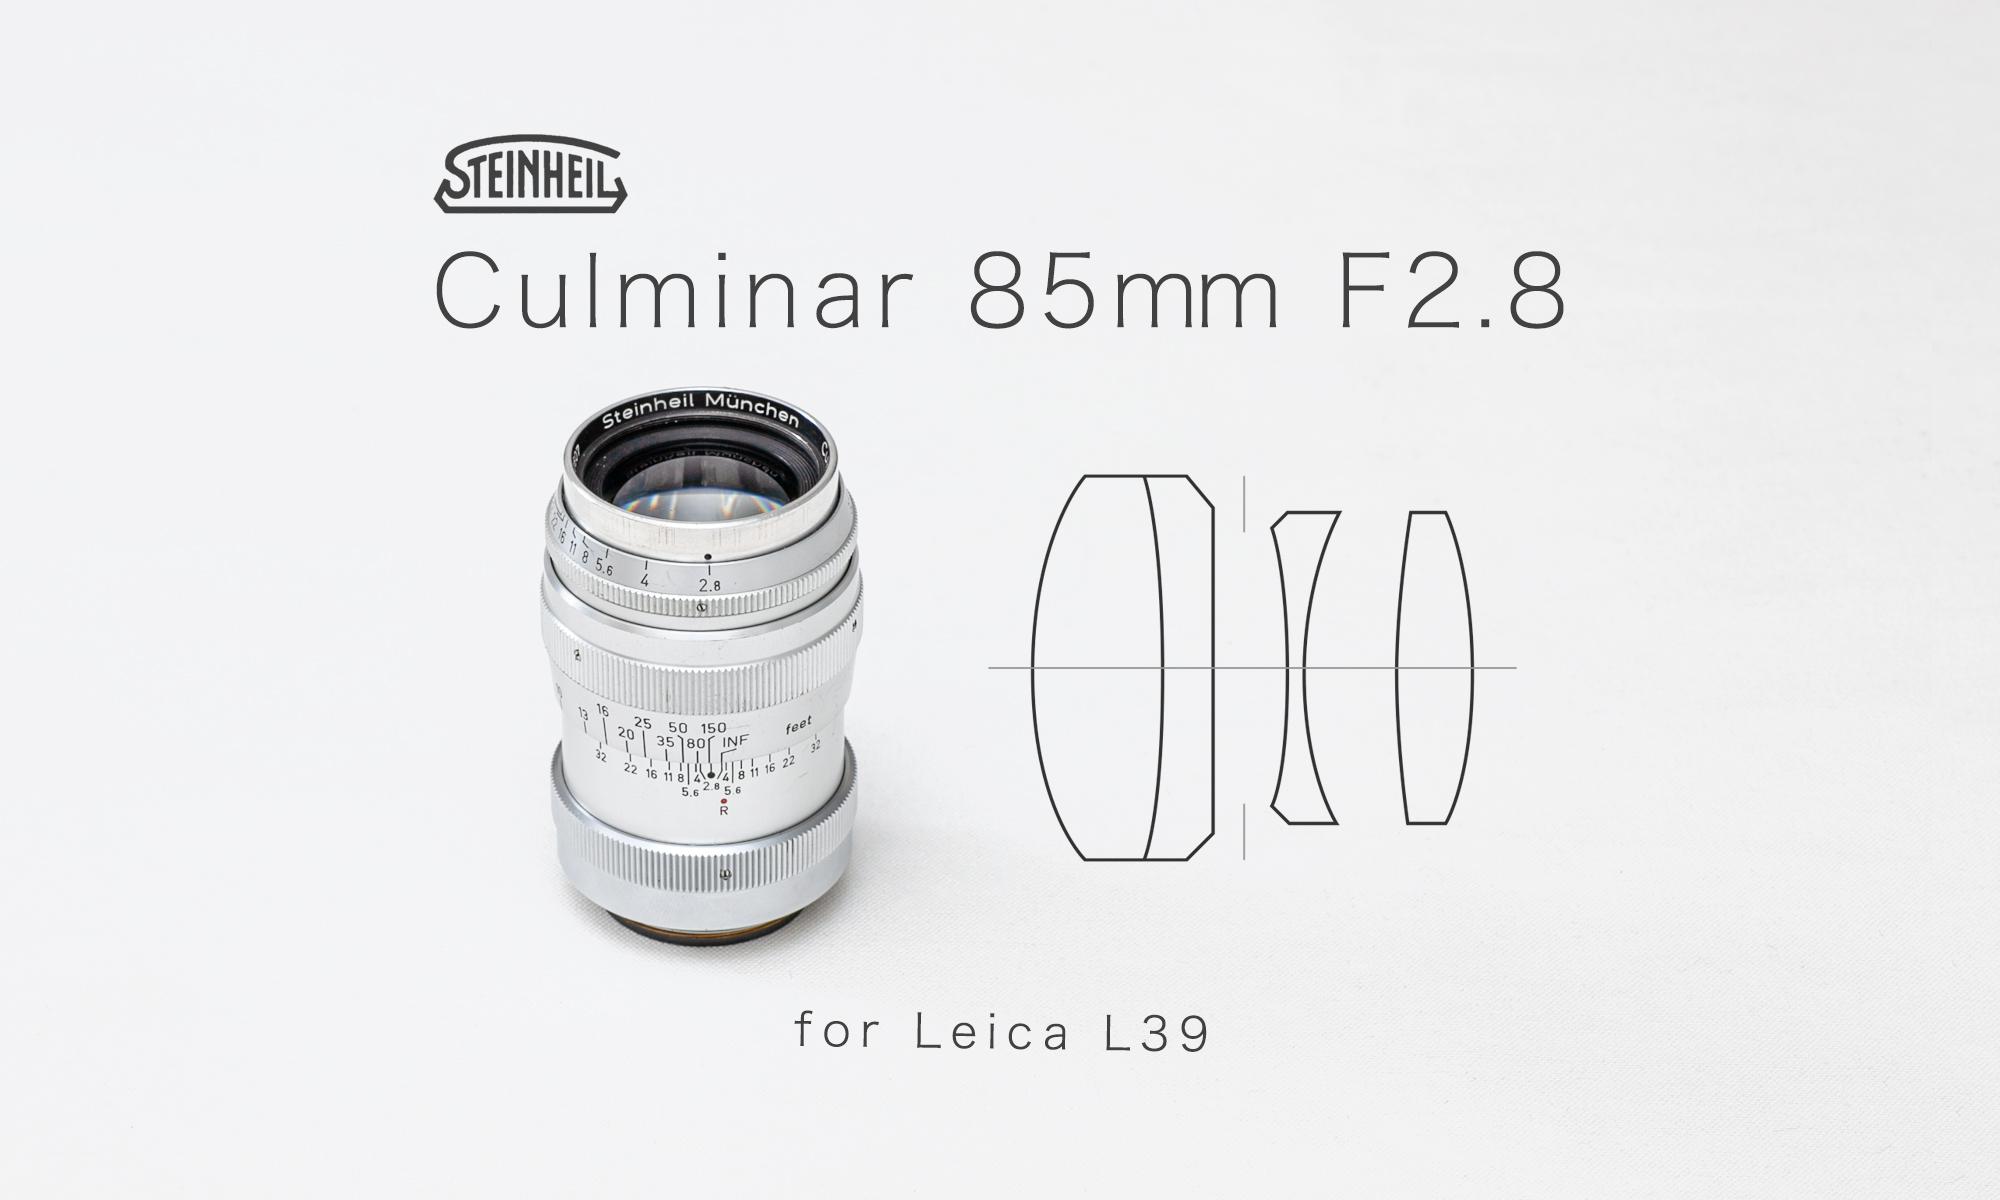 【オールドレンズの沼地】Steinheil Culminar 85mm F2.8 (L39)